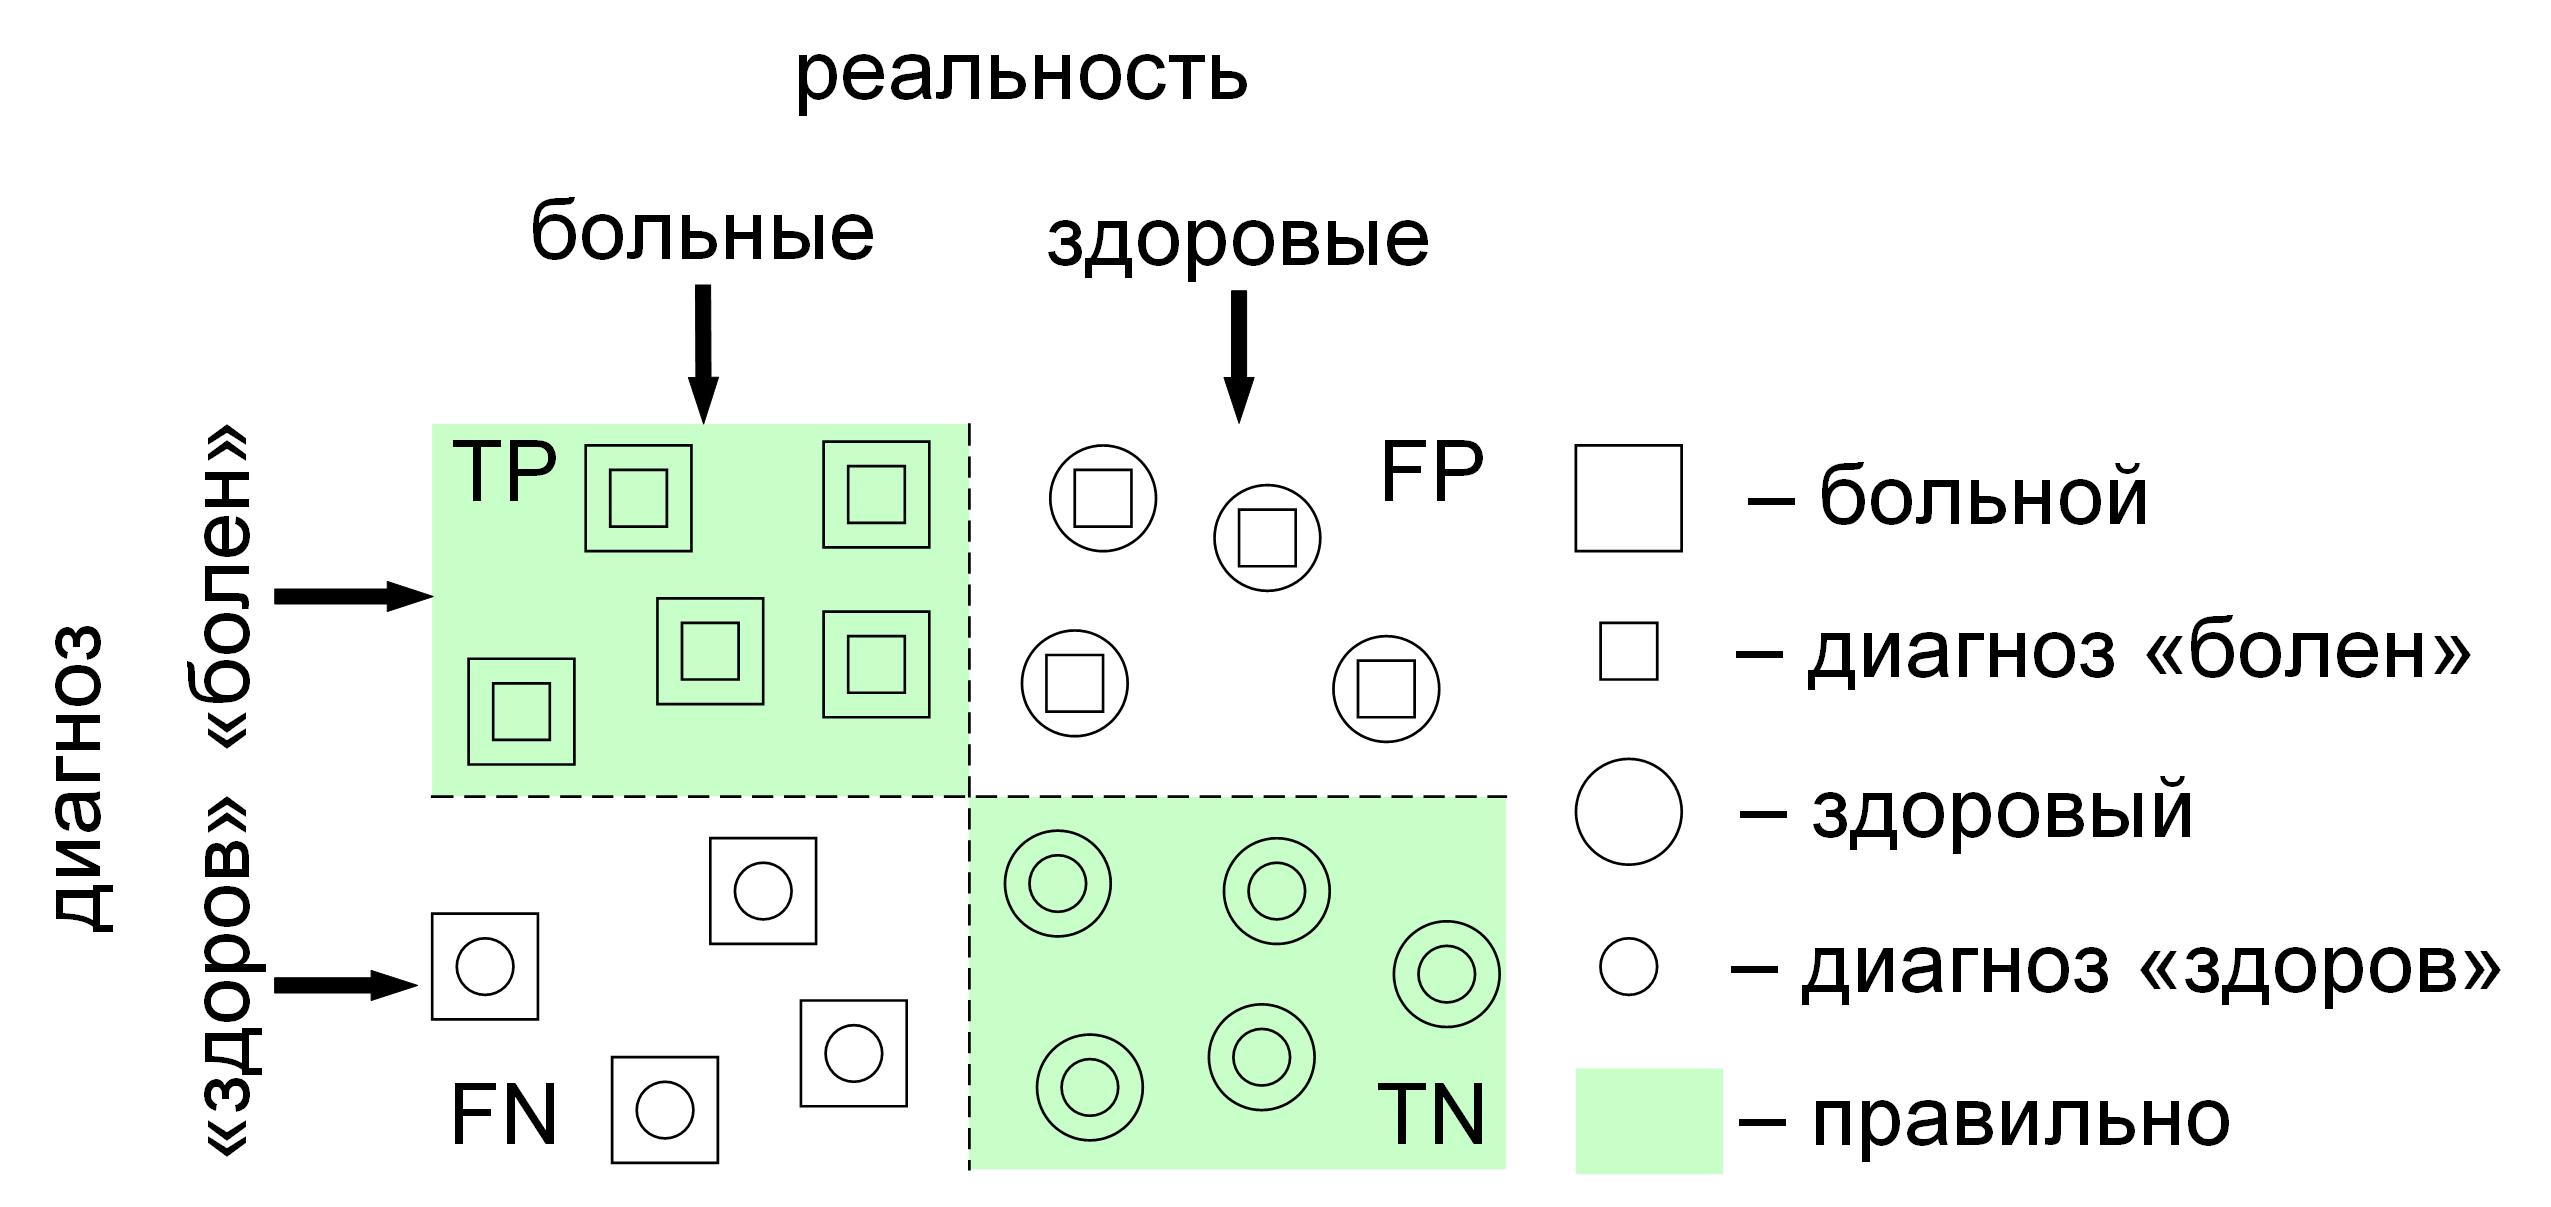 Четыре вида ответов бинарного классификатора